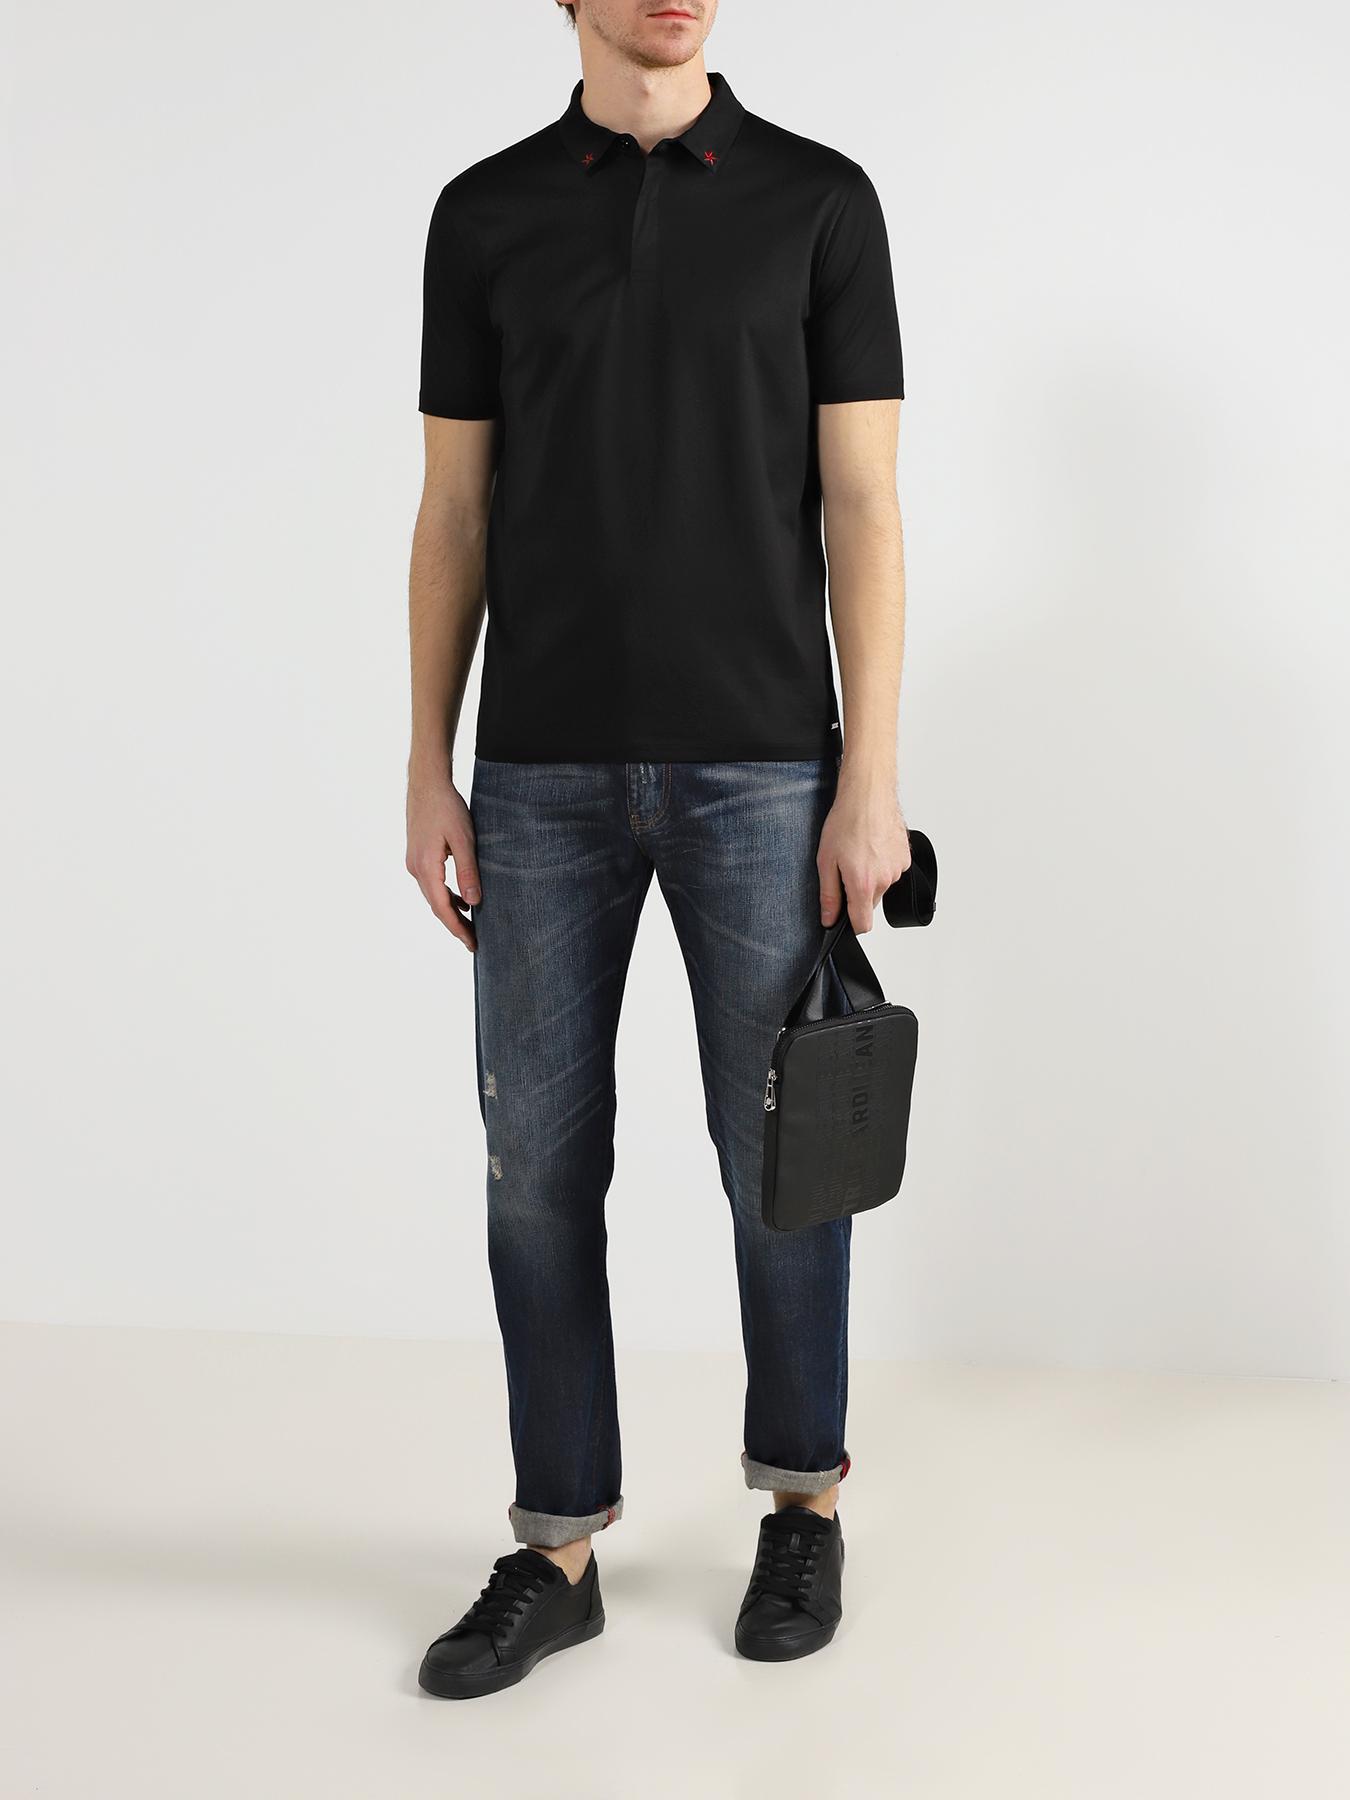 Фото - Сумка Trussardi Jeans Мужская сумка сумка